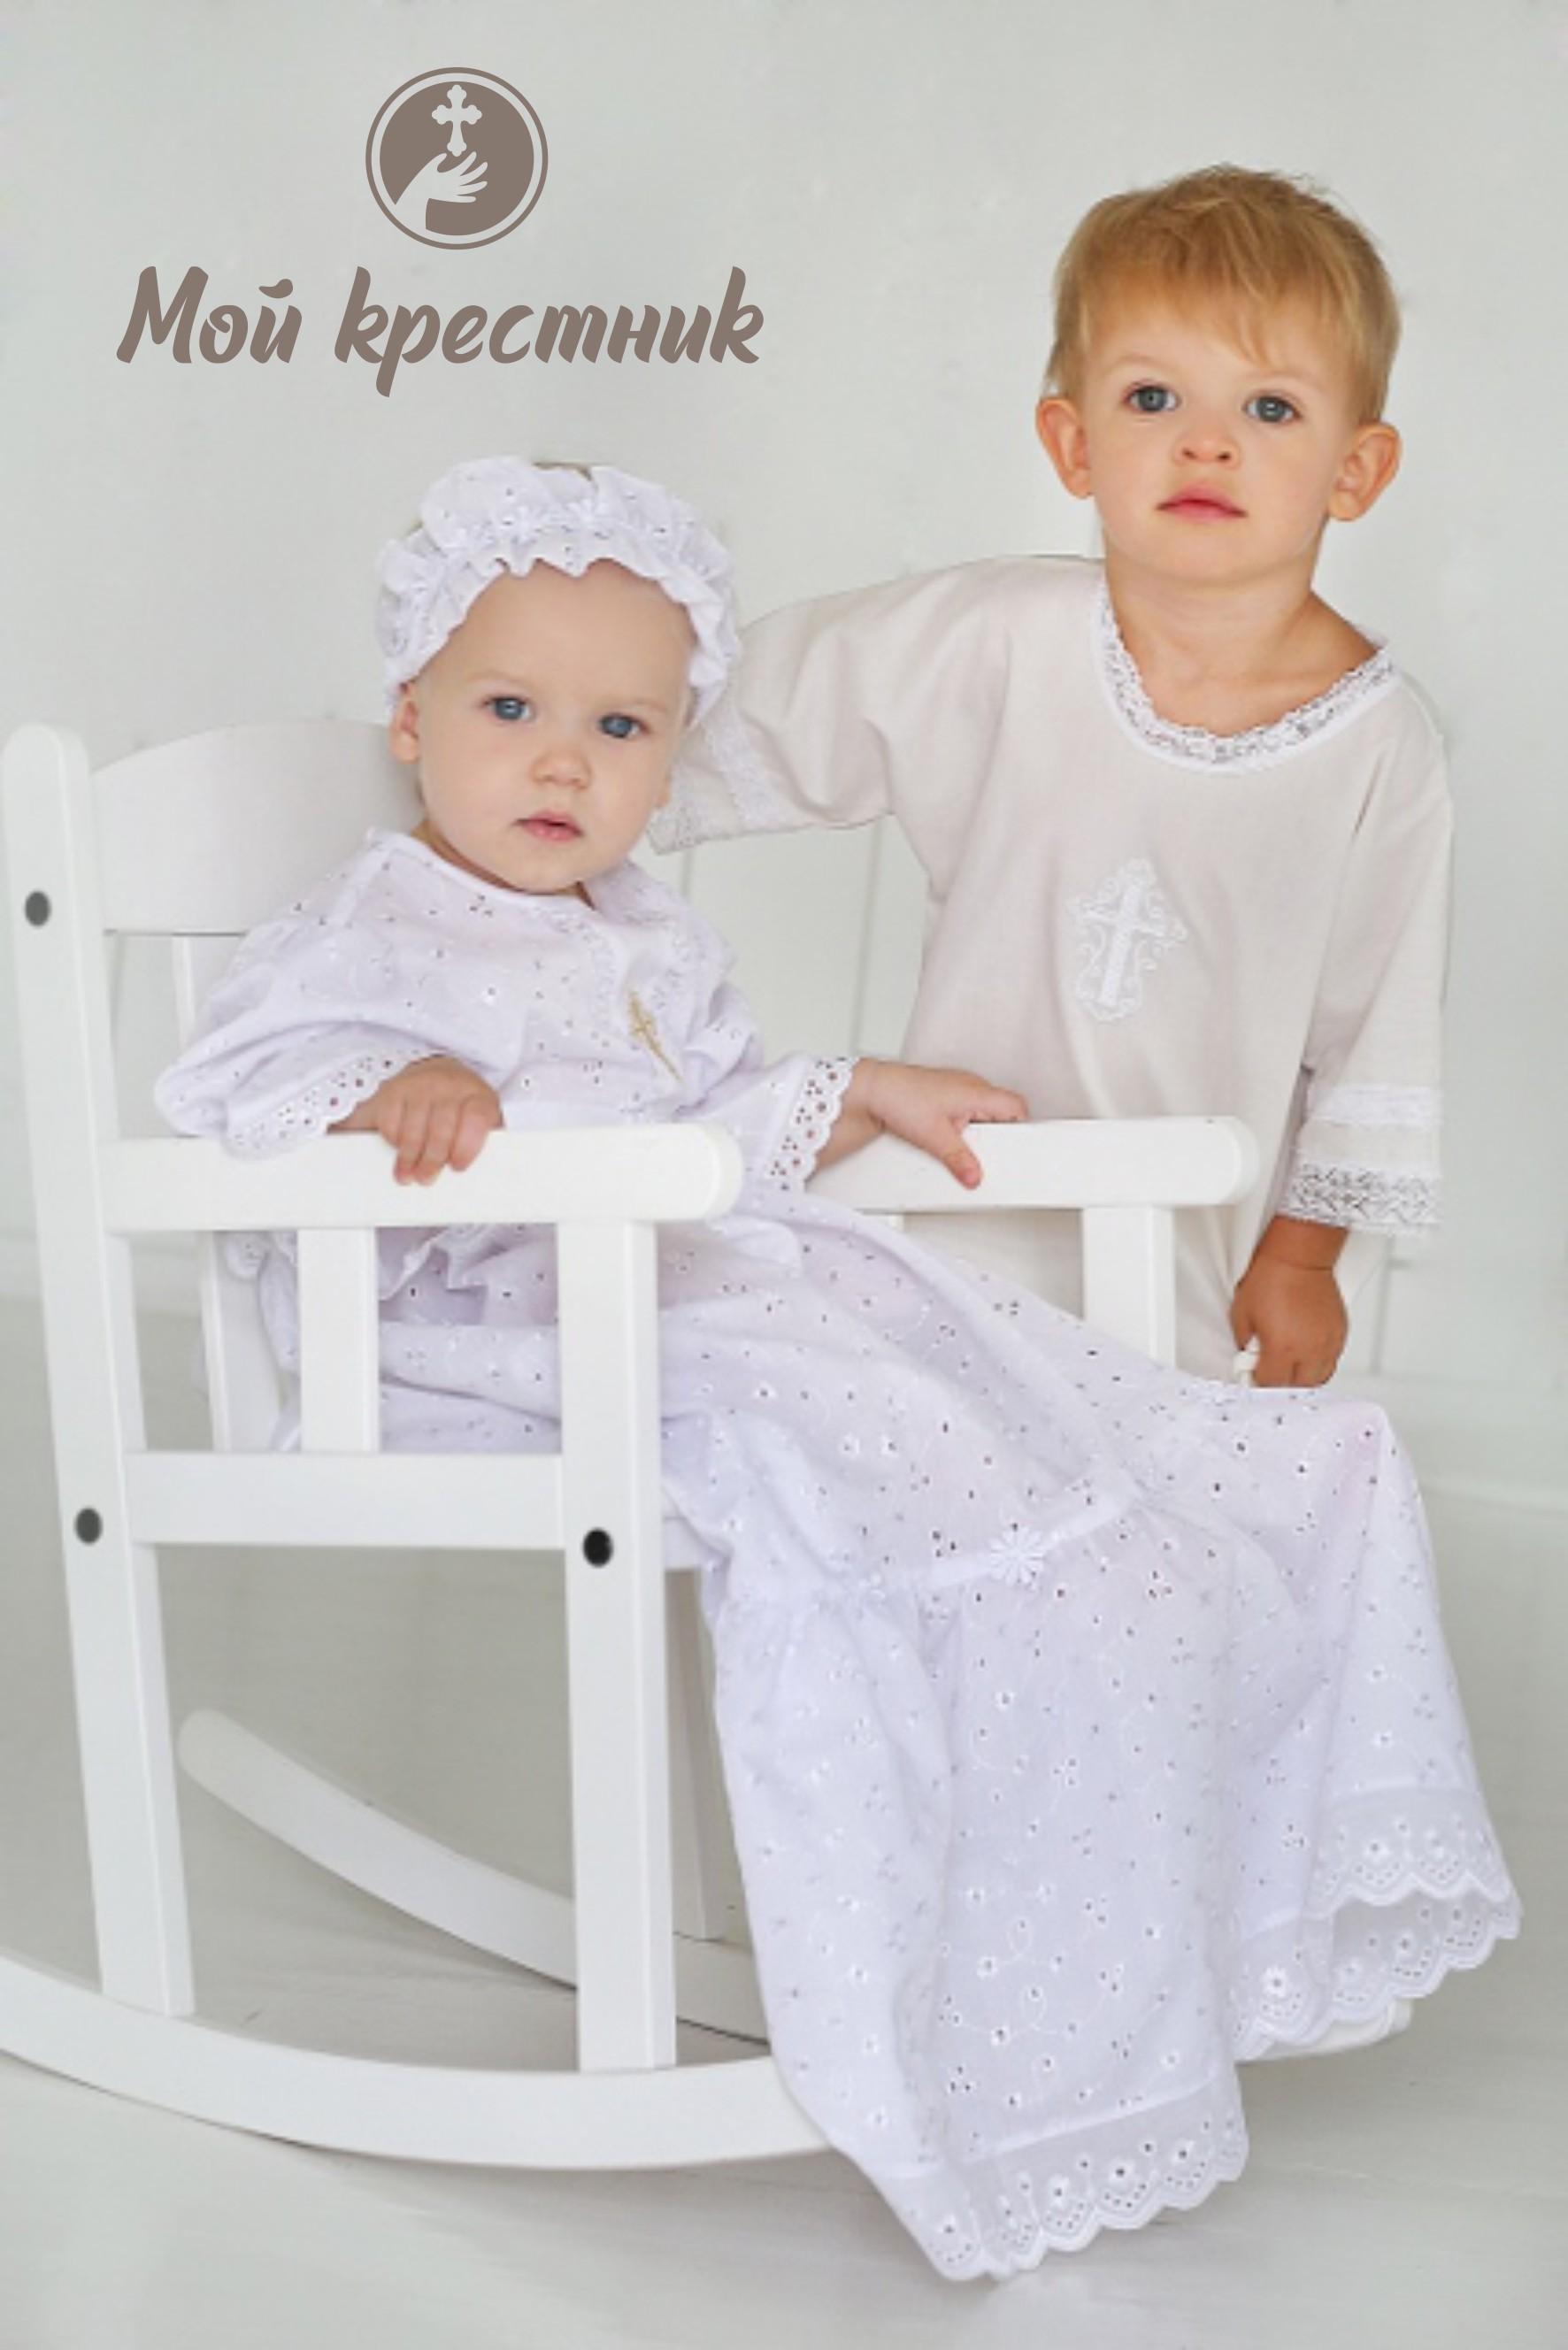 Логотип для крестильной одежды(детской). фото f_9355d4d09930ac77.jpg